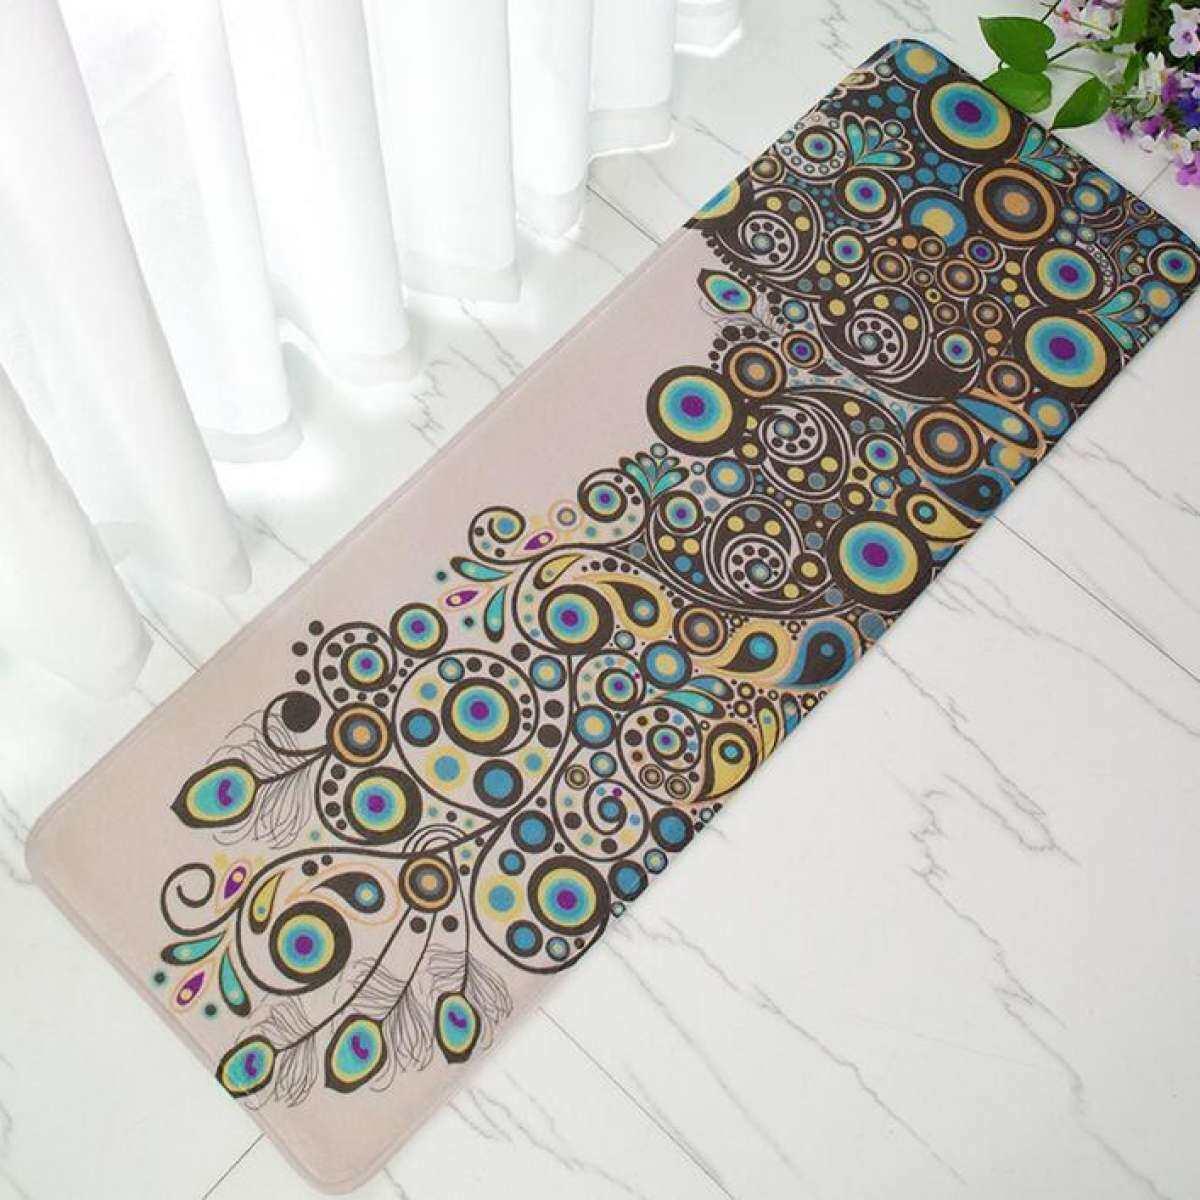 Beauty Peacock Cetak Anti-Slip Panjang Dapur Karpet Karpet Lembut Flanel Kamar Tidur Living Ruangan